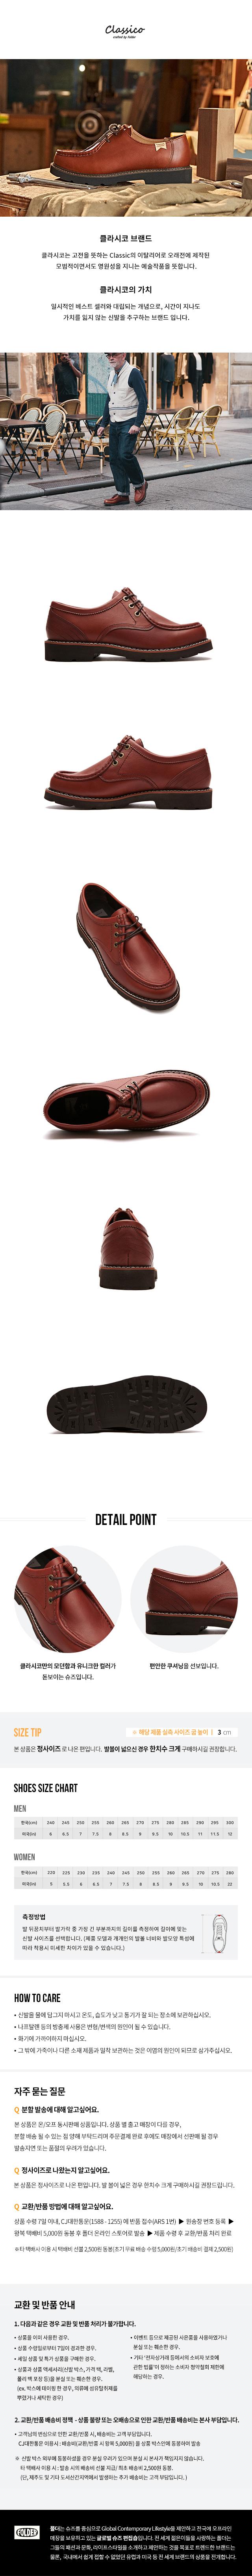 클라시코(CLASSICO) ClassicoTirolean ShoesBrown (MAN)